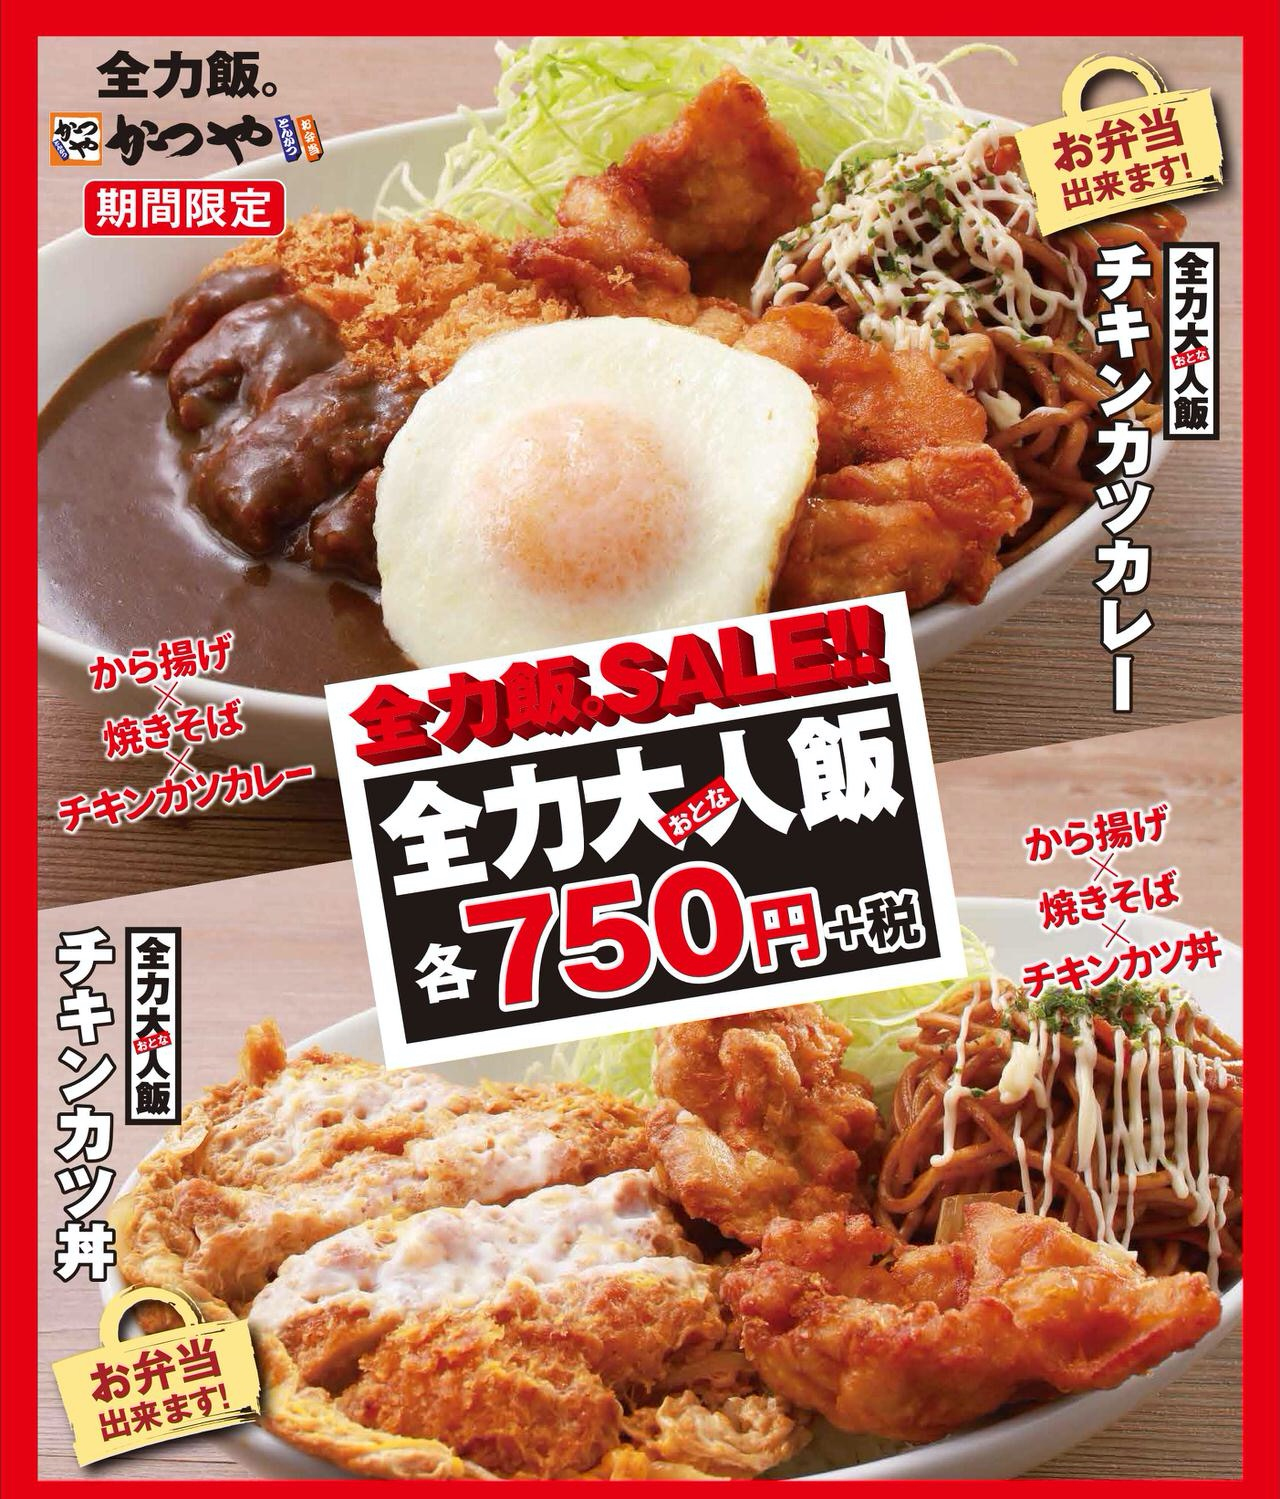 【かつや】からあげと焼きそばをベースにチキンカツカレーかチキンカツ丼が選べる「全力大人飯」期間限定で発売へ(6/26から)